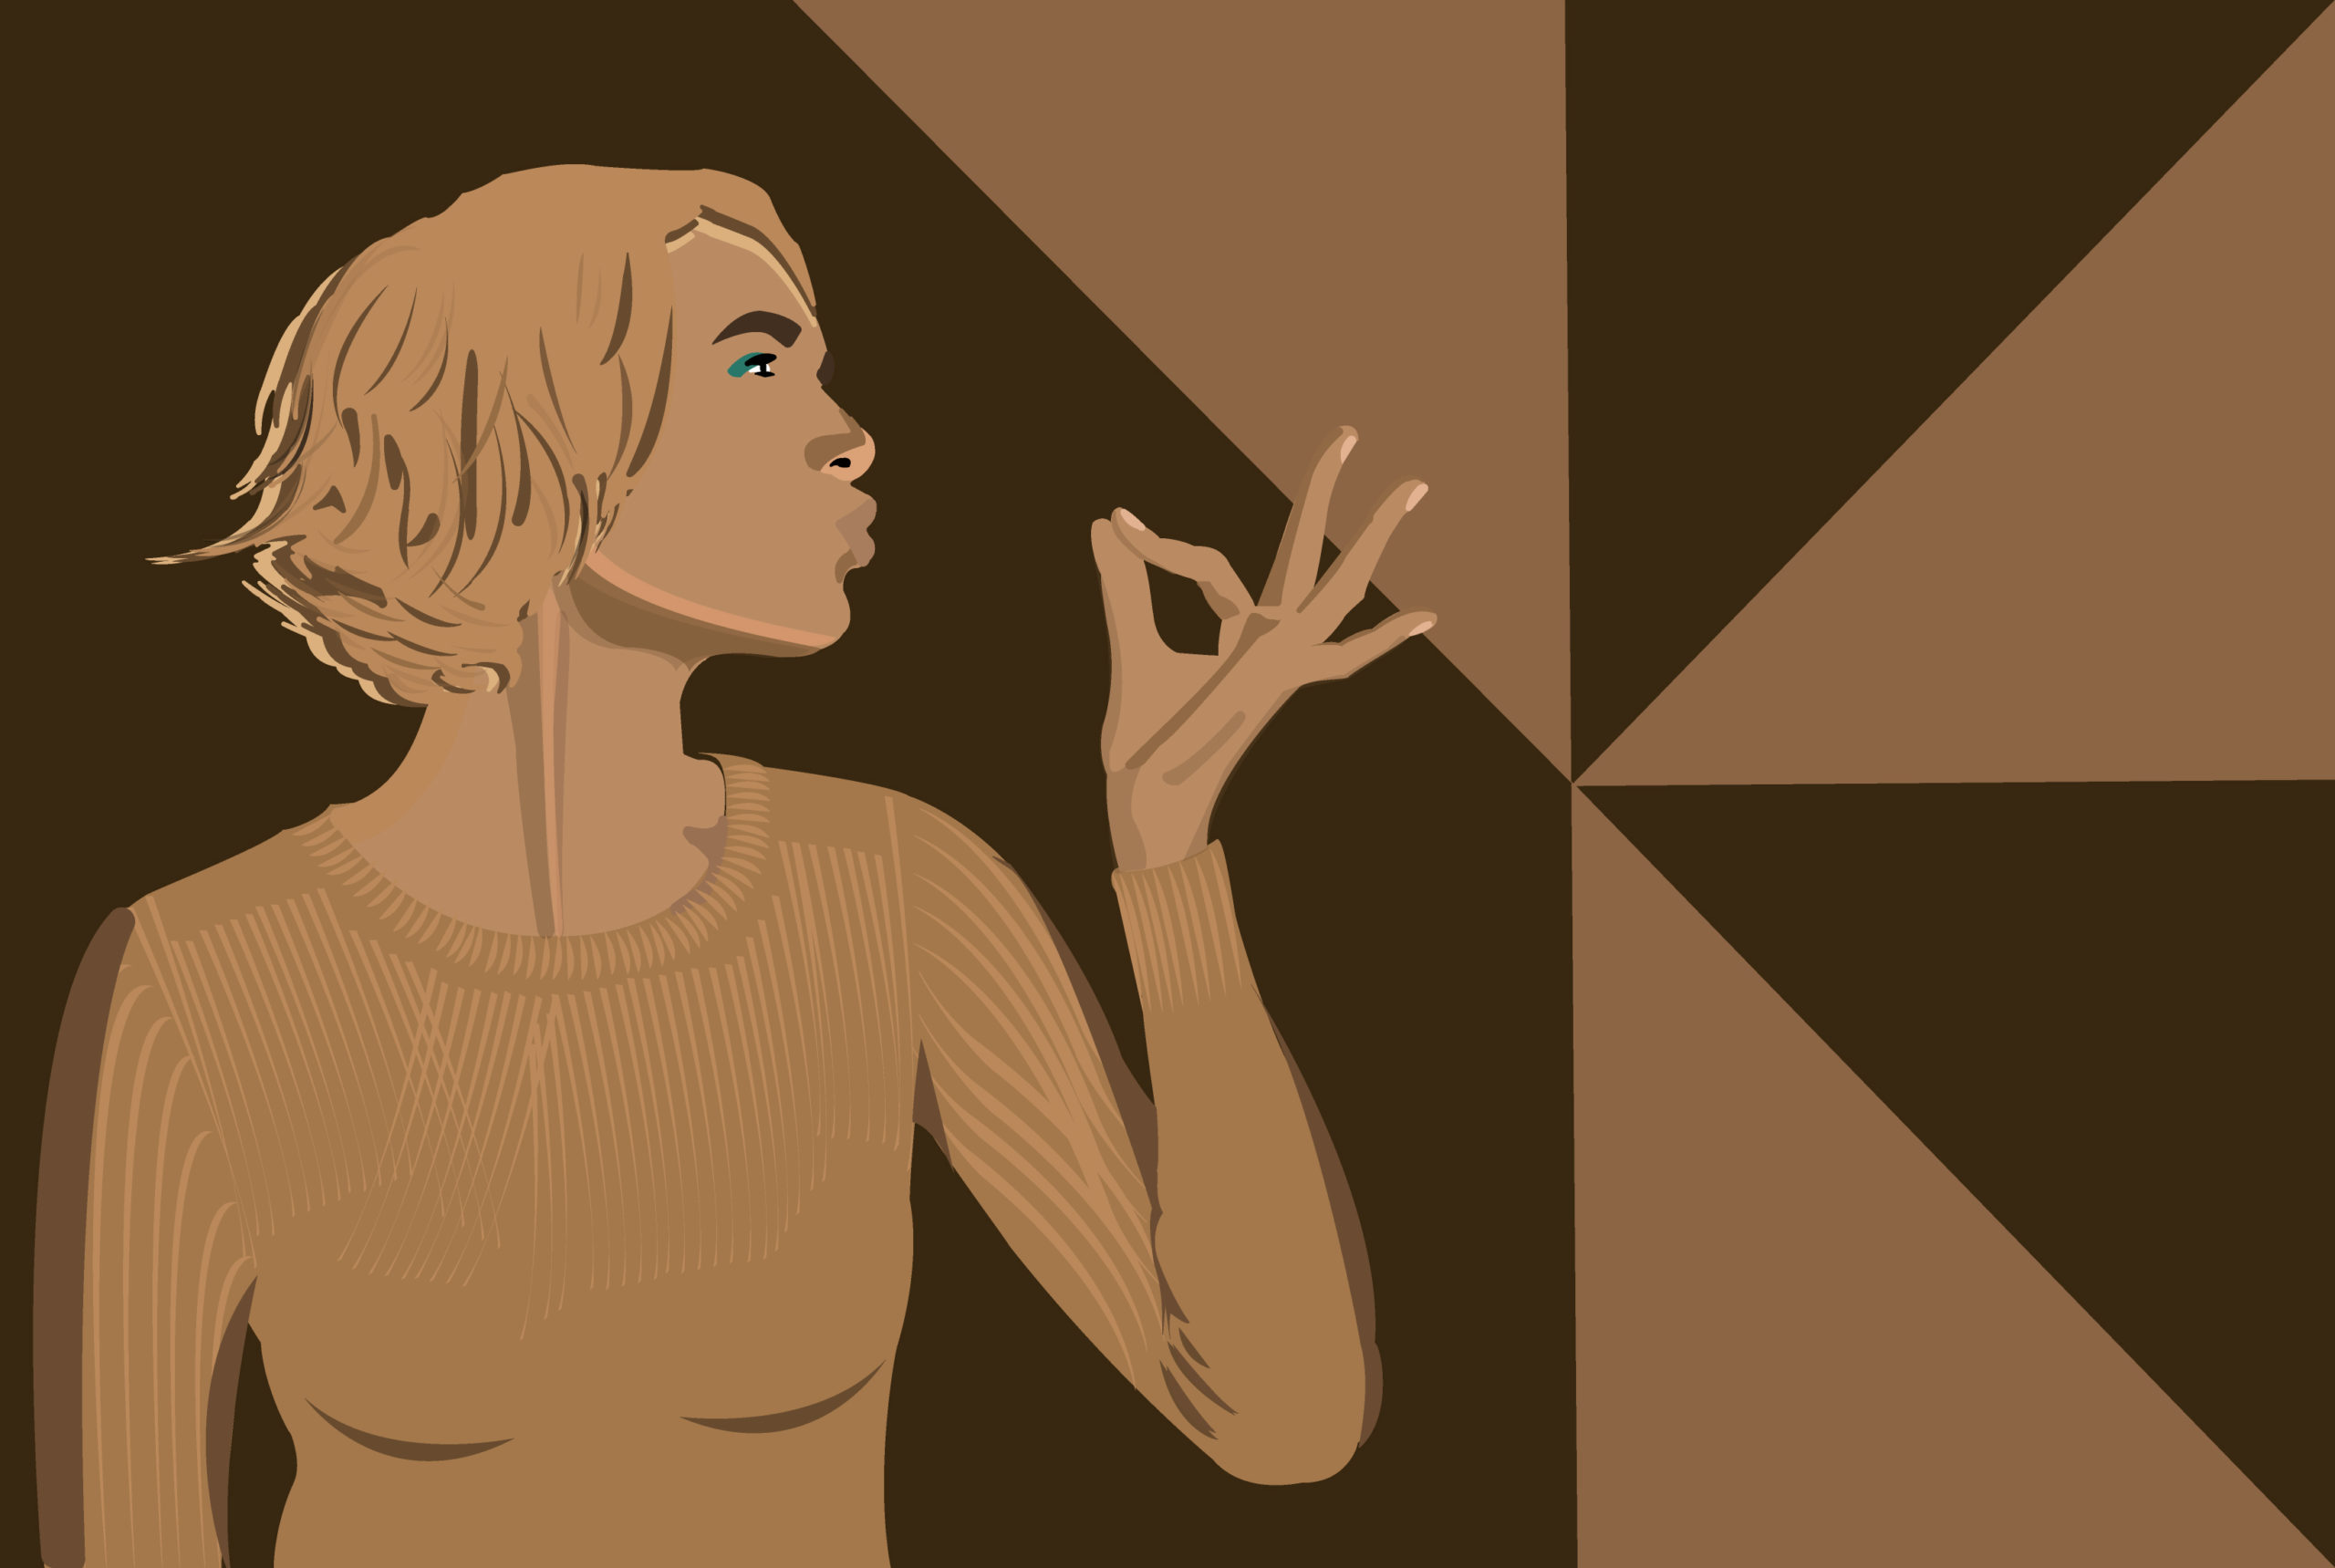 portrait-Cueillir-intober-plein-format--Behance